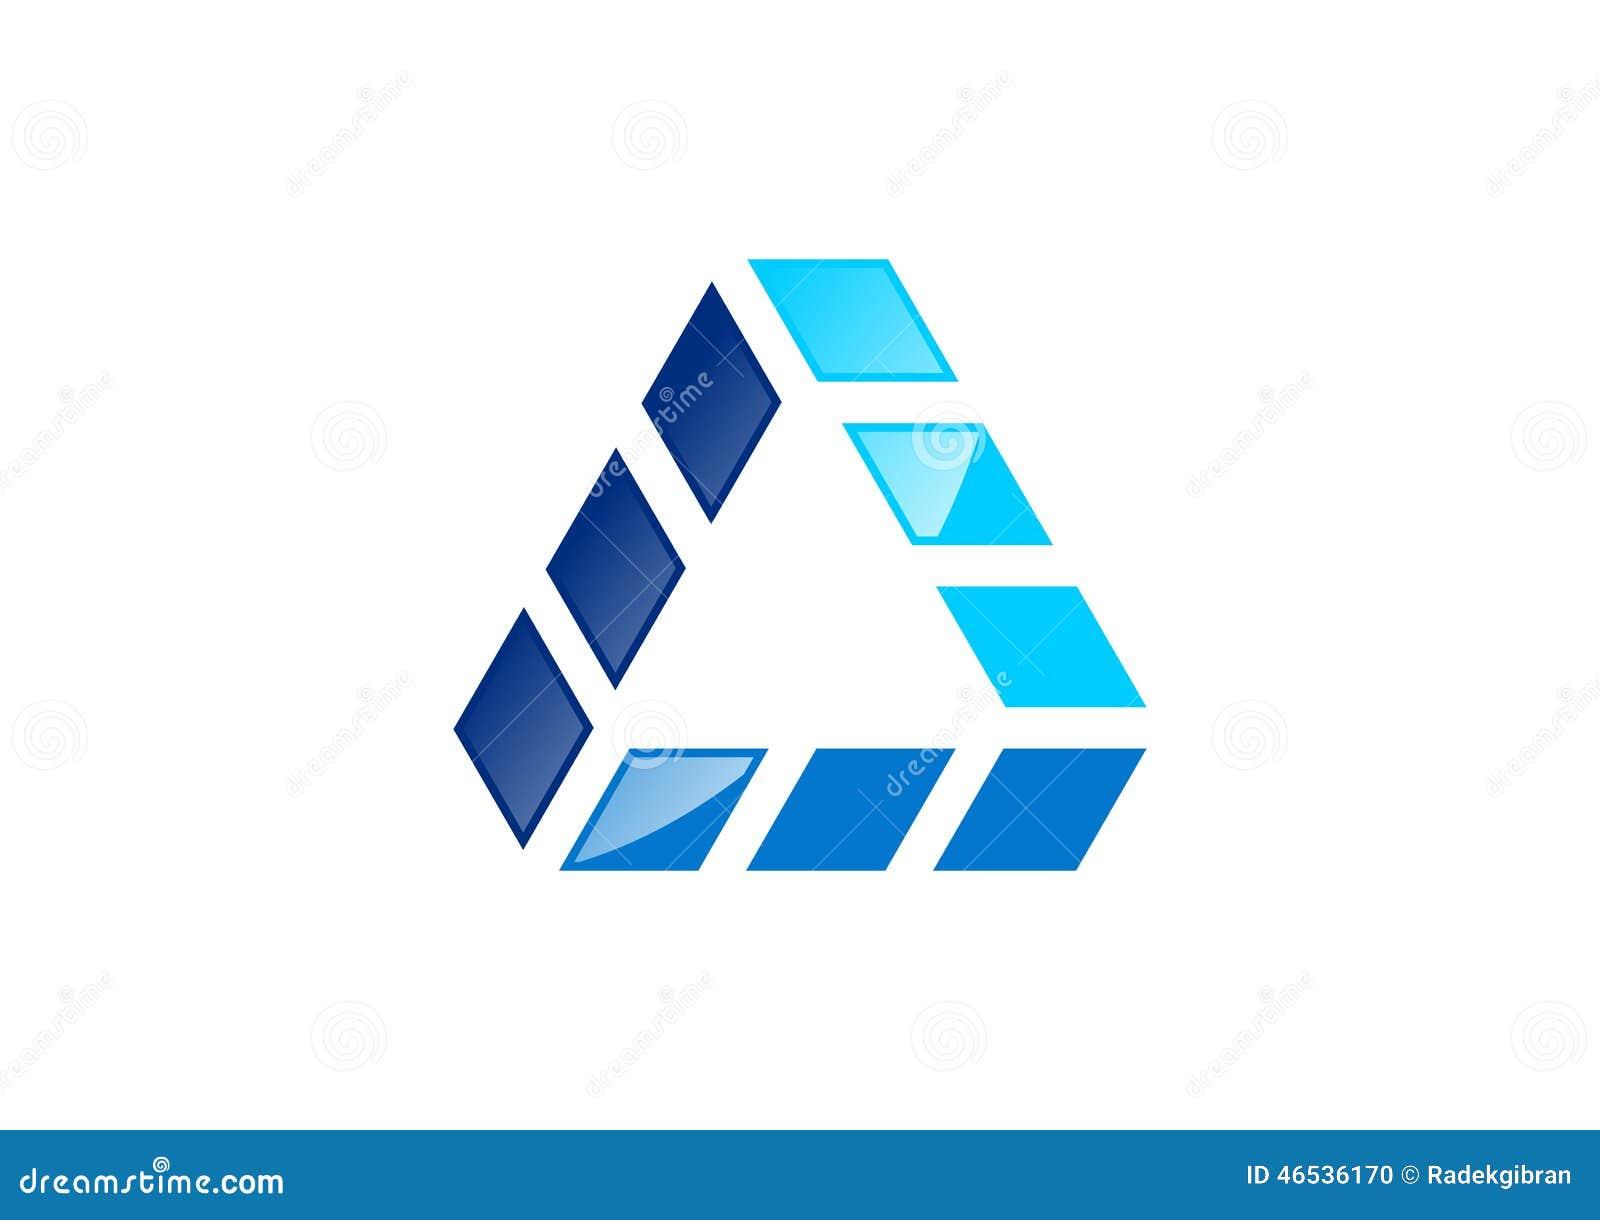 Triángulo, edificio, logotipo, casa, arquitectura, propiedades inmobiliarias, hogar, construcción, vector del diseño del icono de